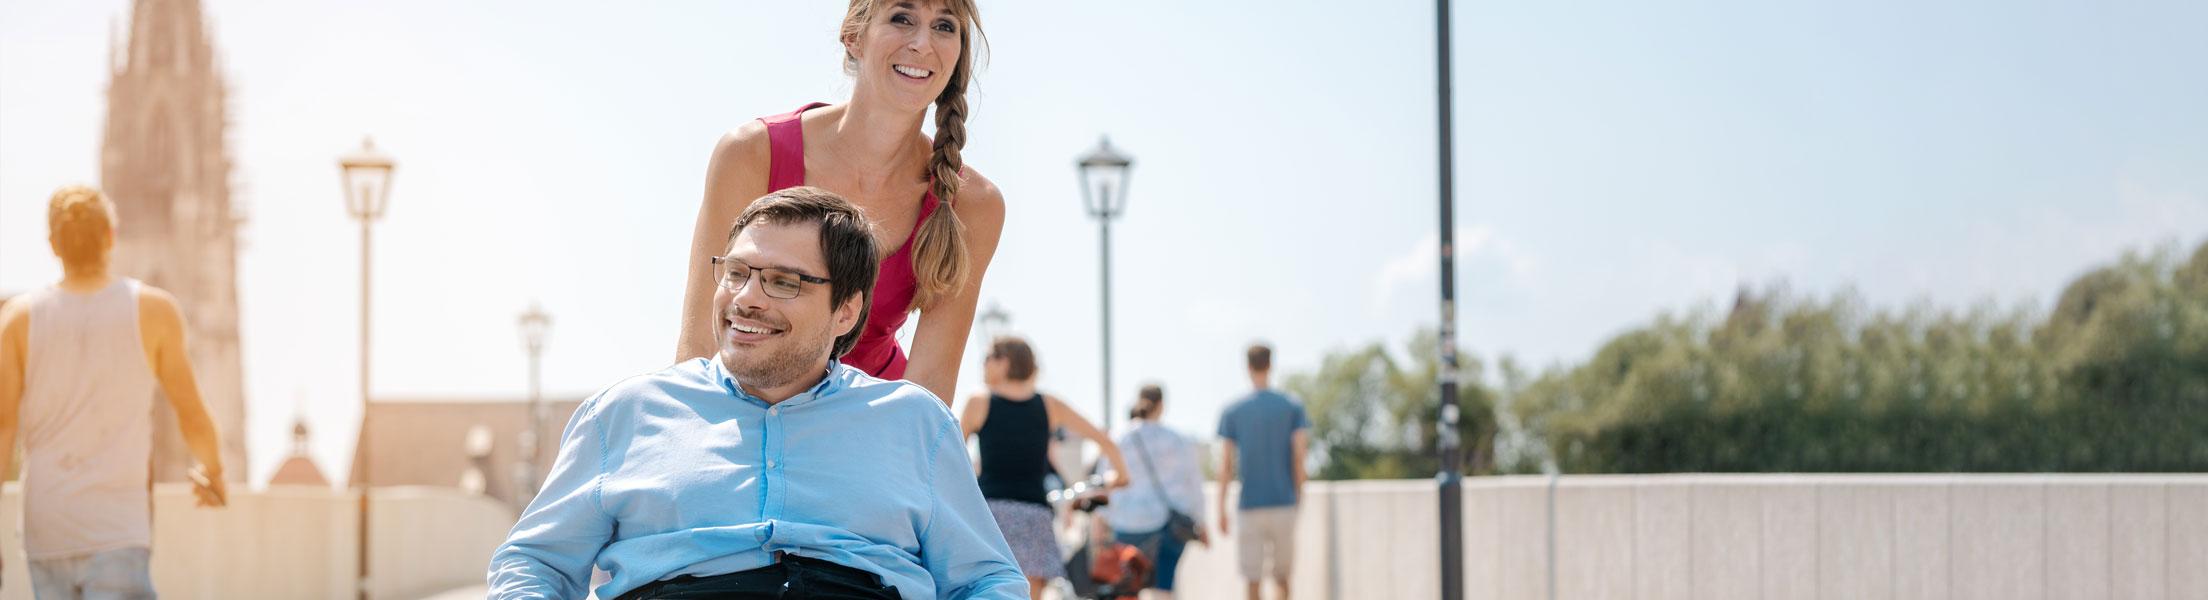 Junge Dame begleitet Herren im Rohlstuhl in der Stadt beim Spaziergang.